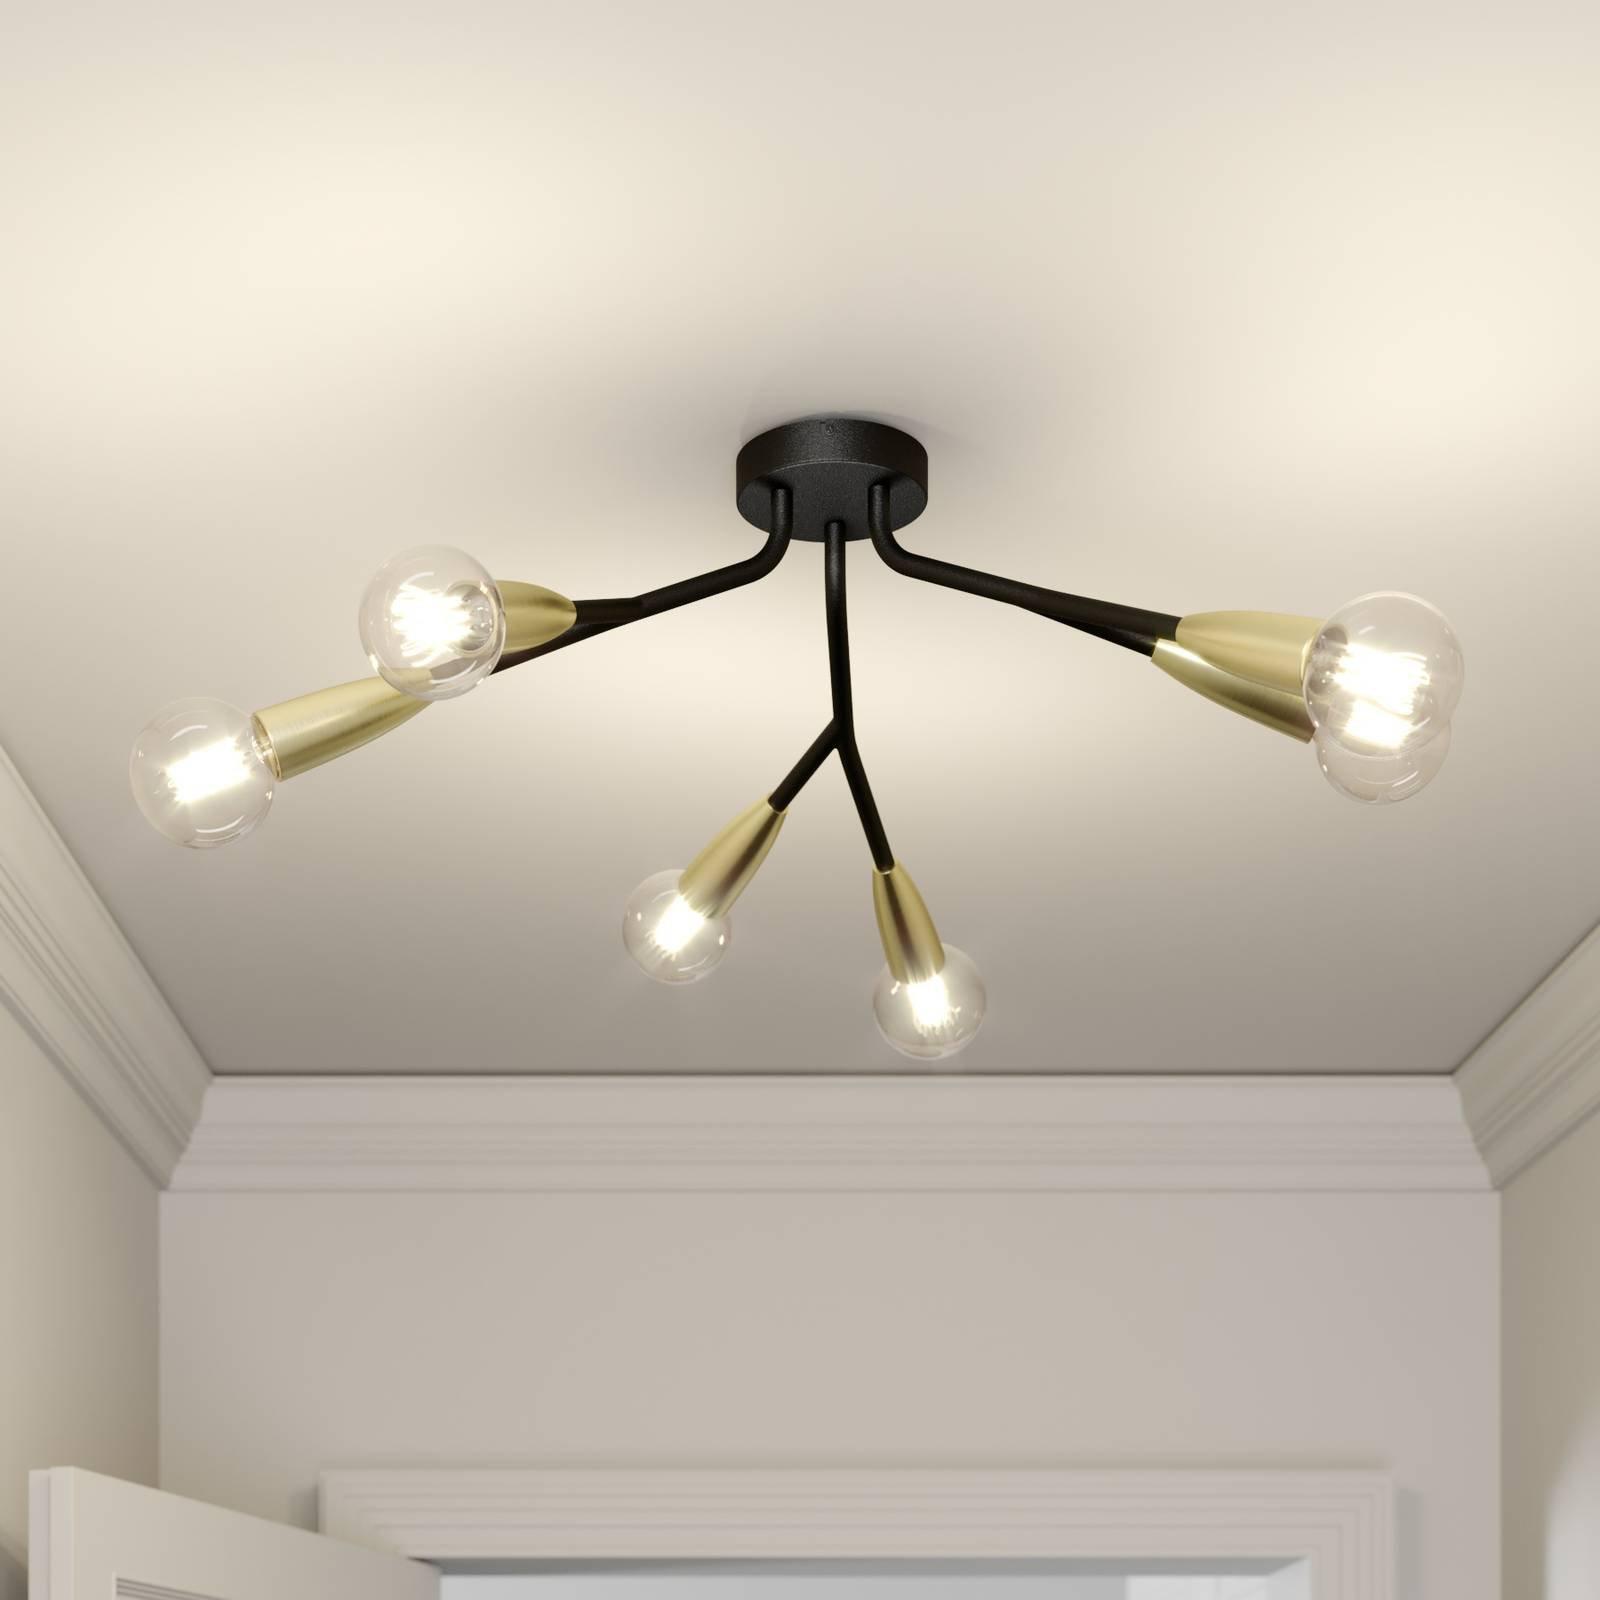 Lucande Carlea taklampe, 6 lysk. svart messing